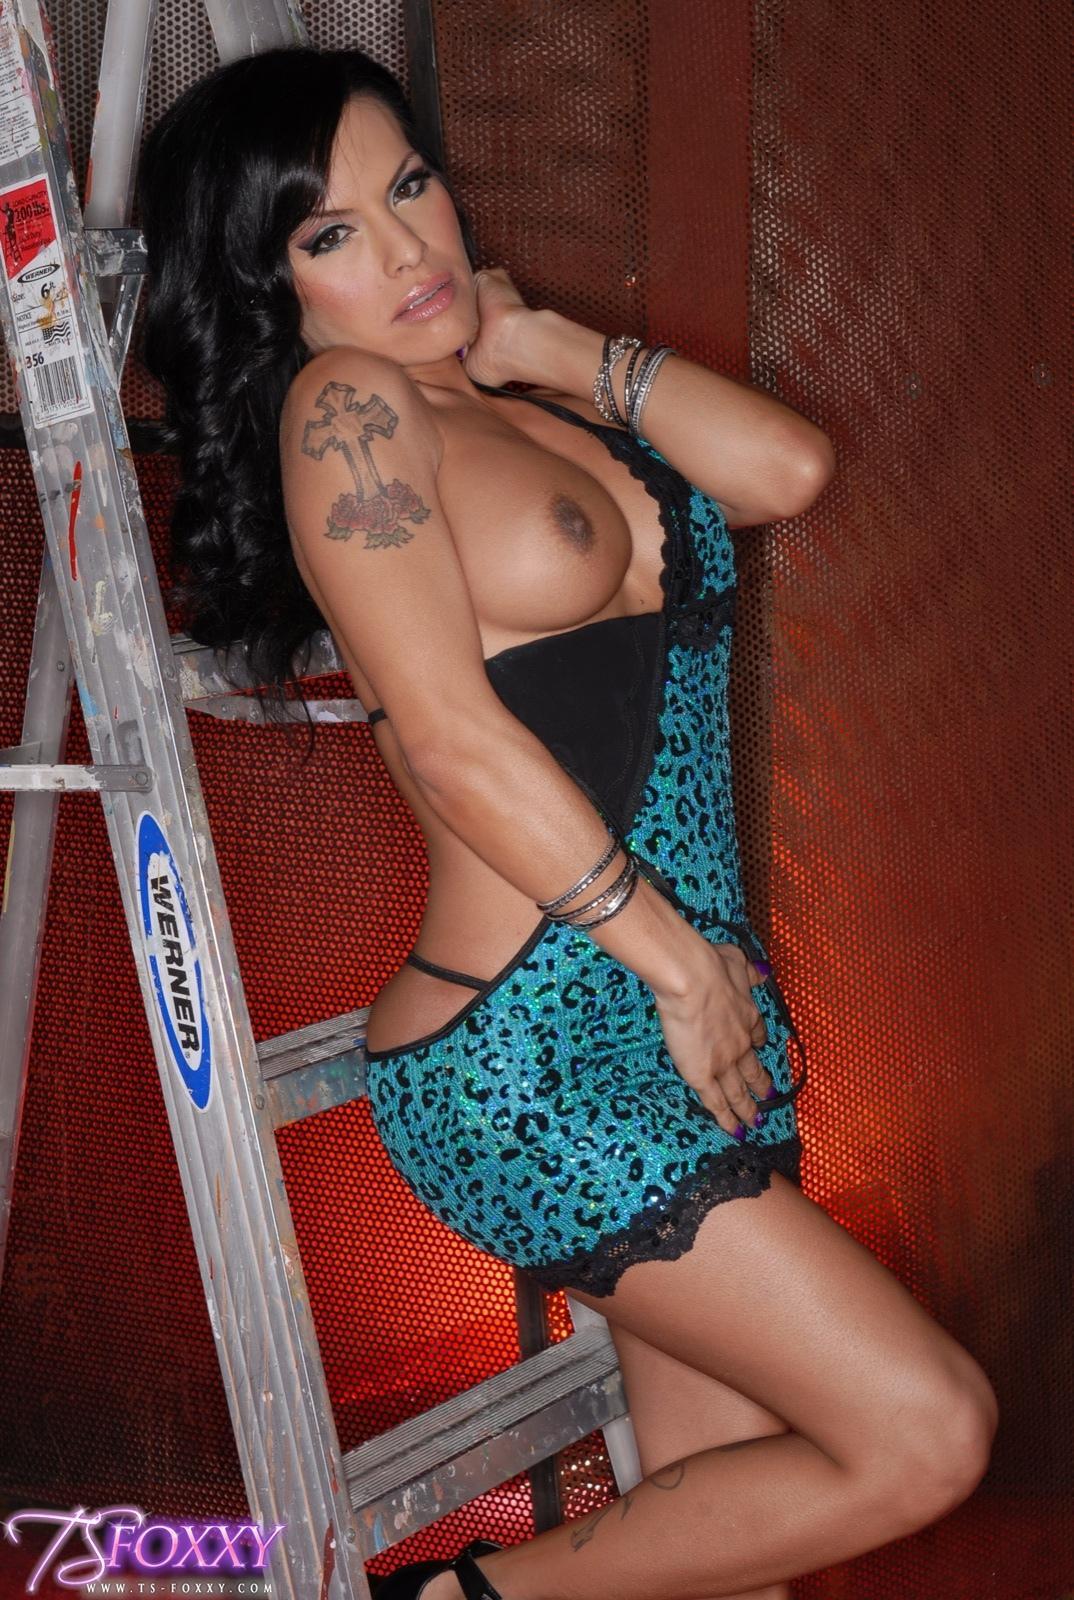 Alley bikini kirstie picture reveal